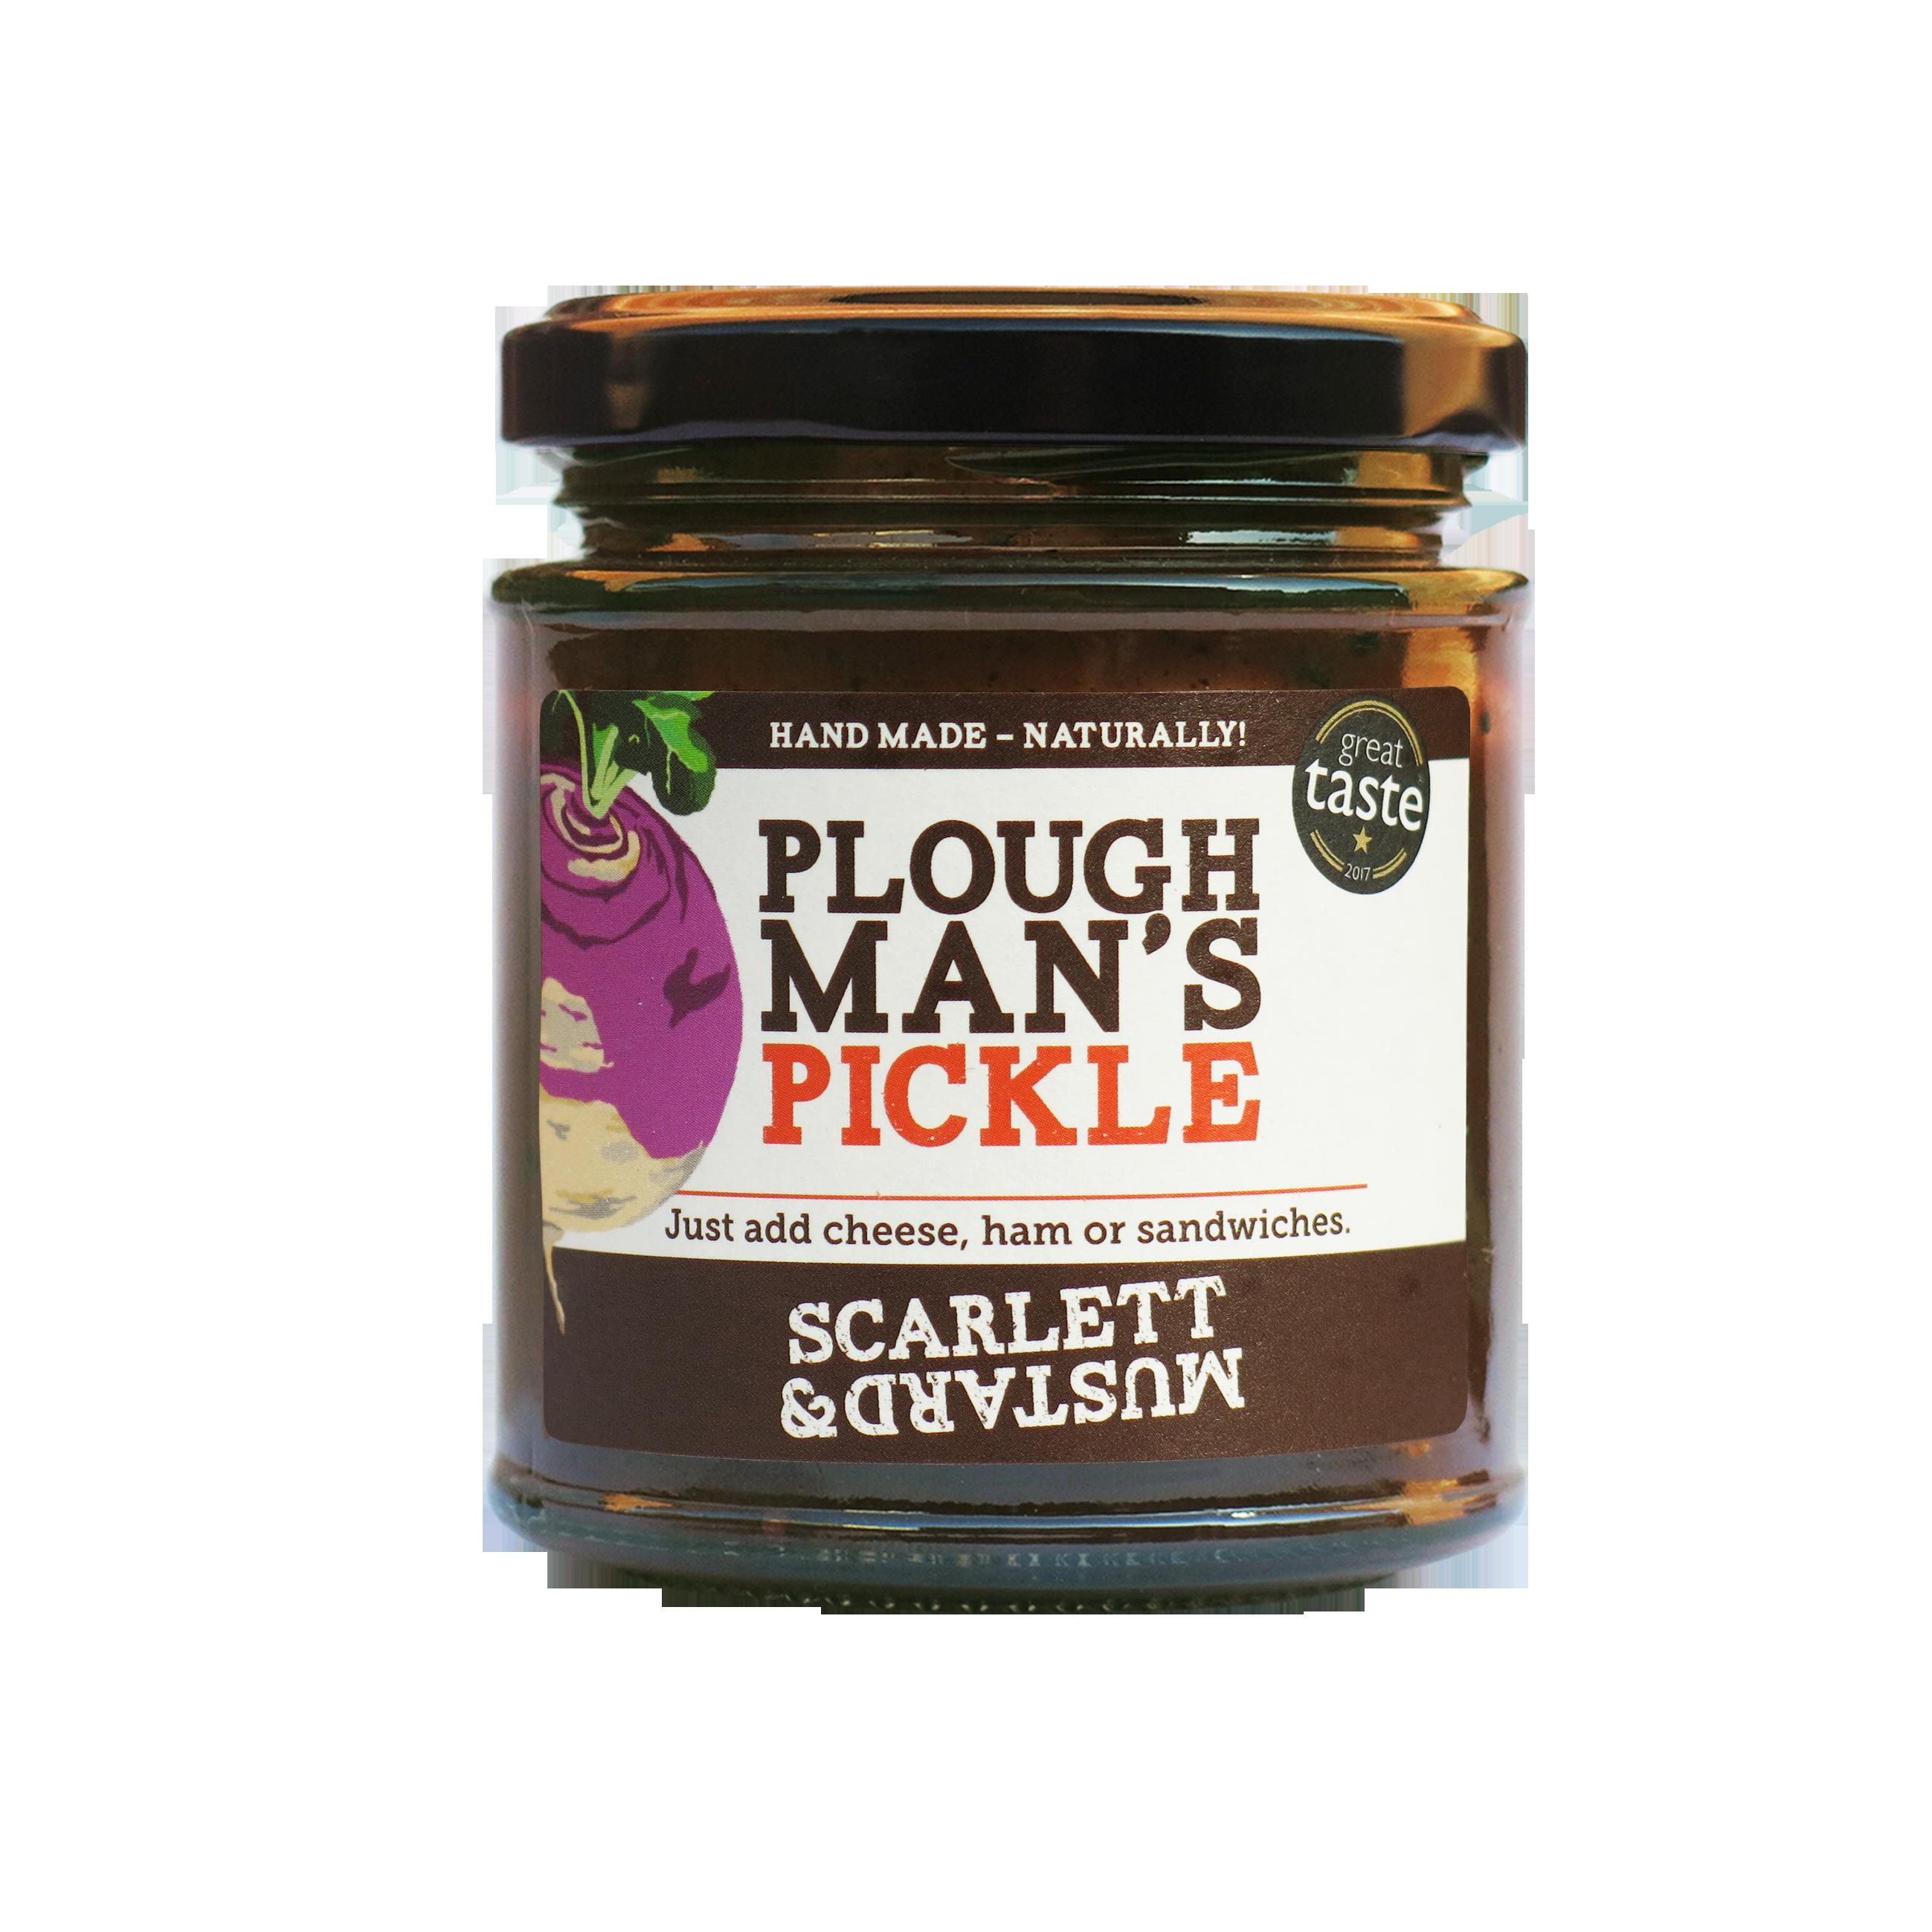 Scarlett & Mustard Ploughman's Pickle